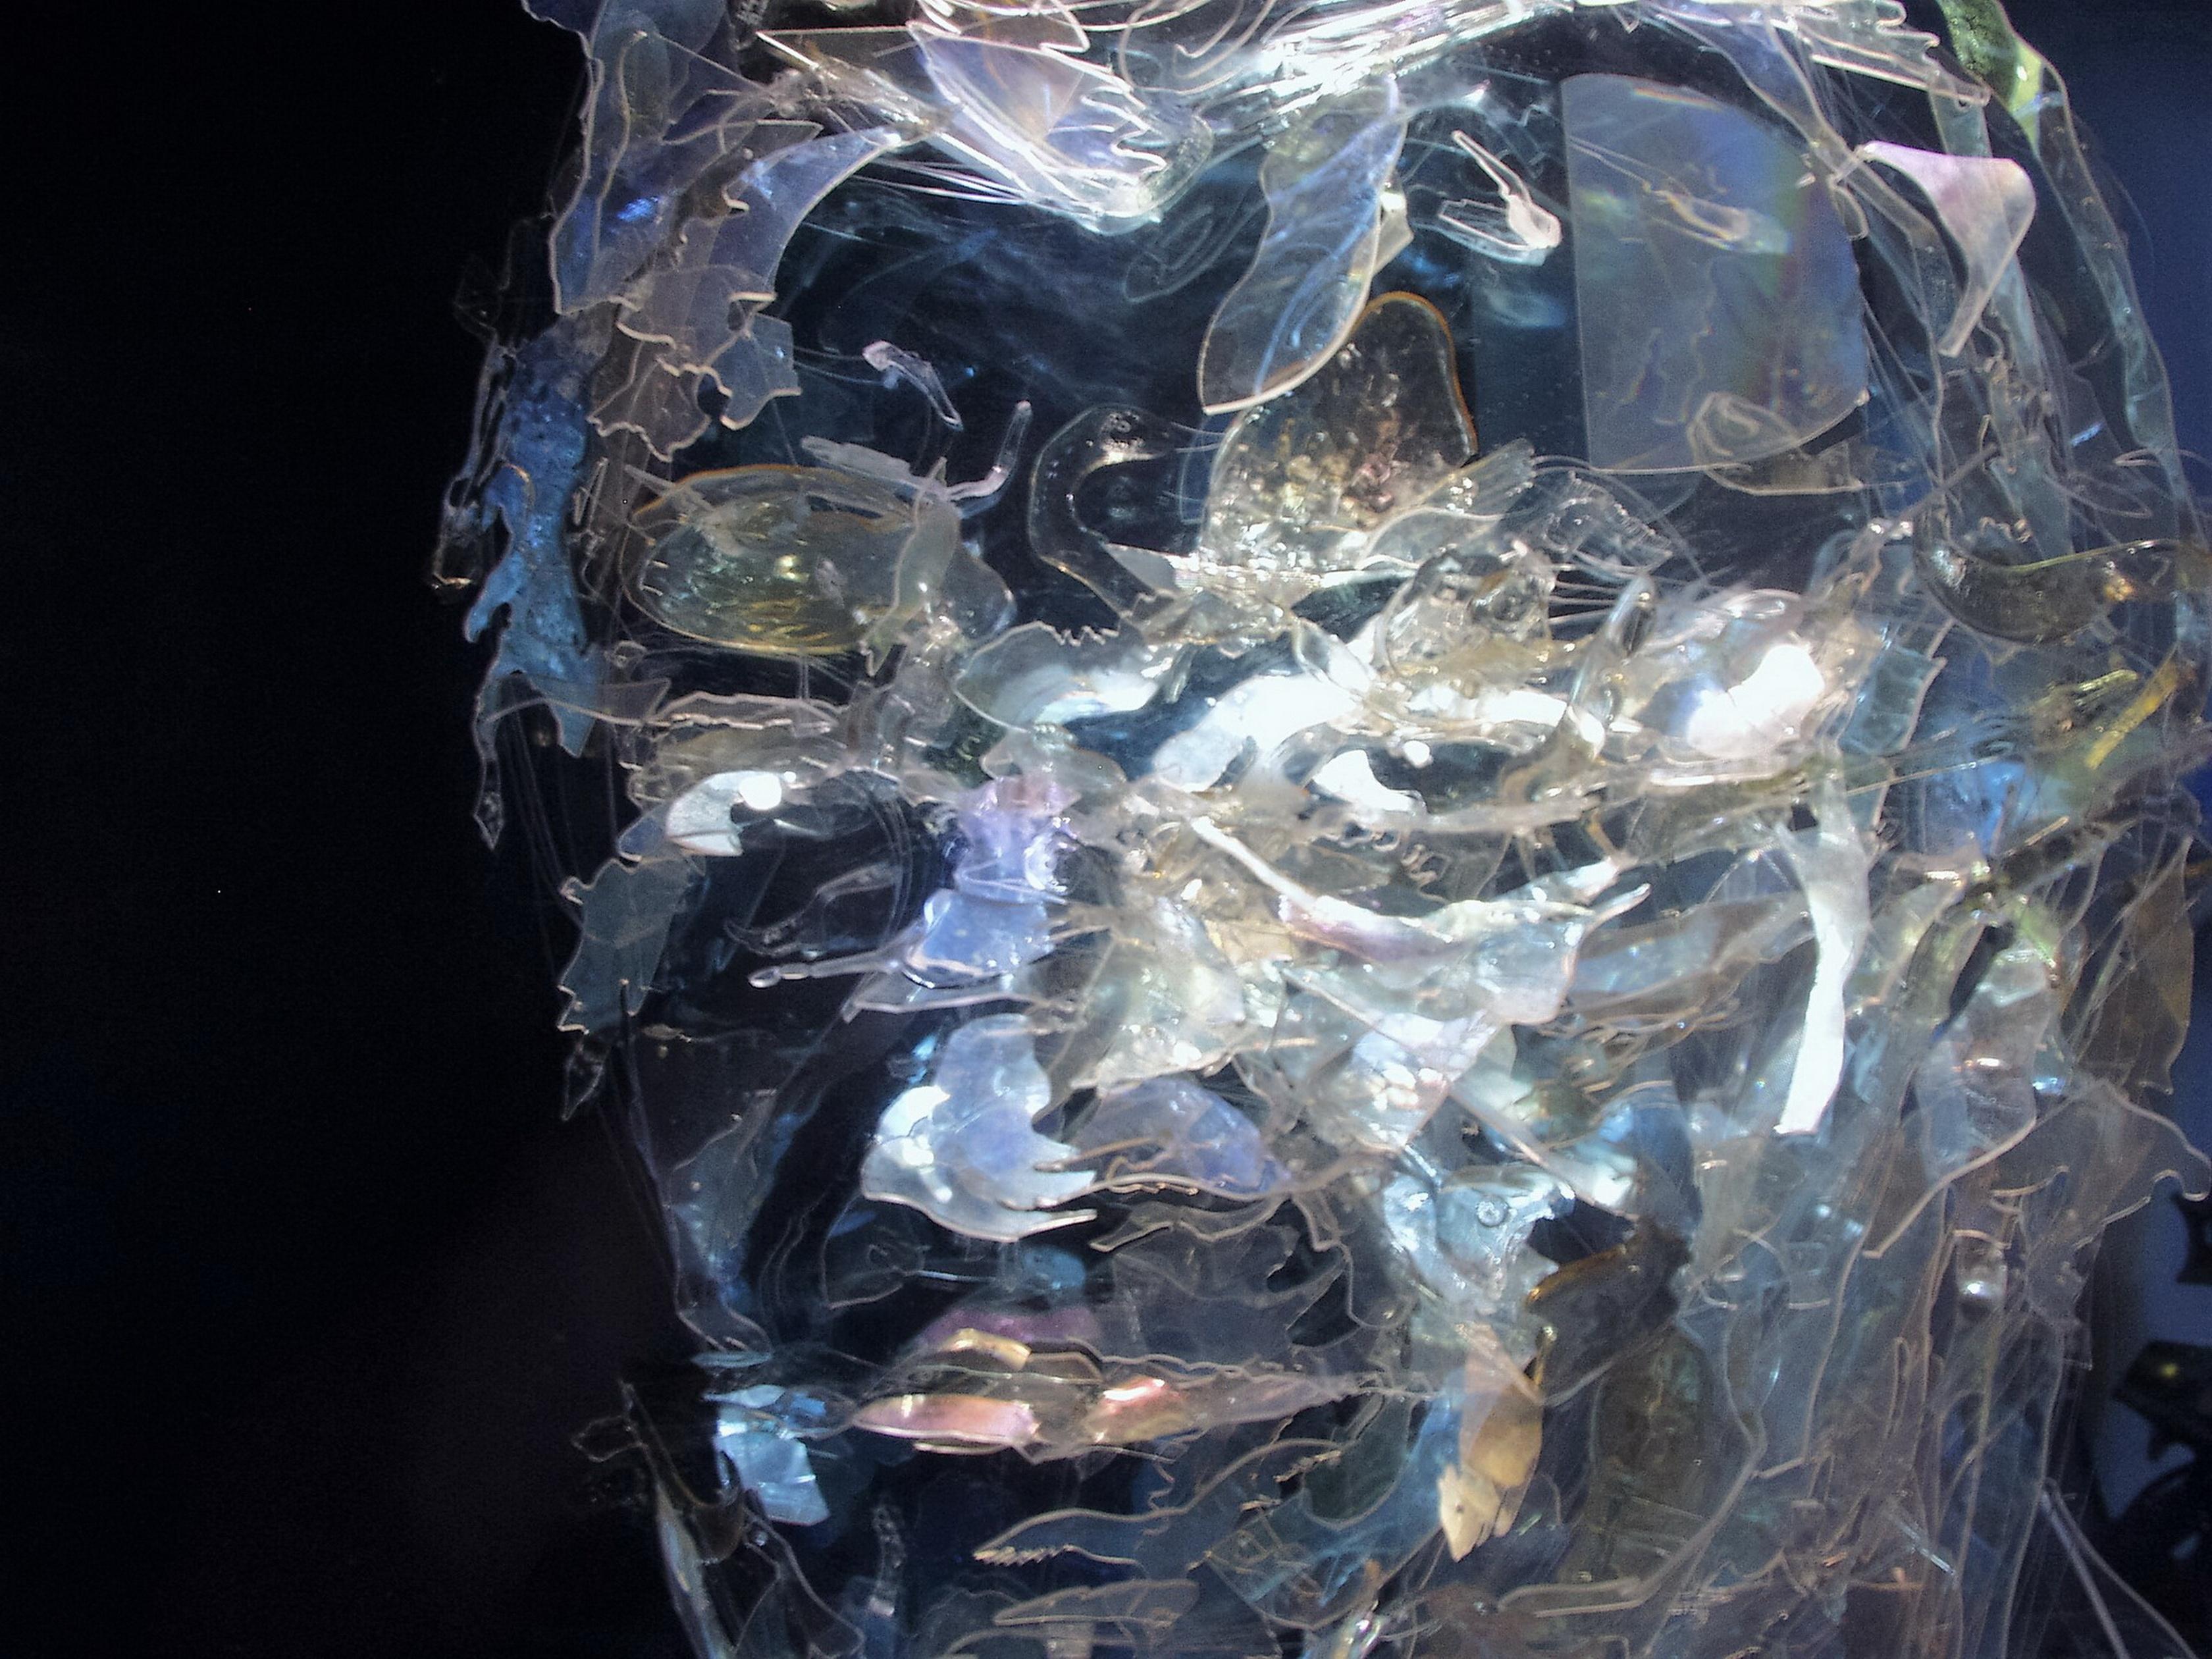 Maurizio Aprea - La chasseur - Endosculpture